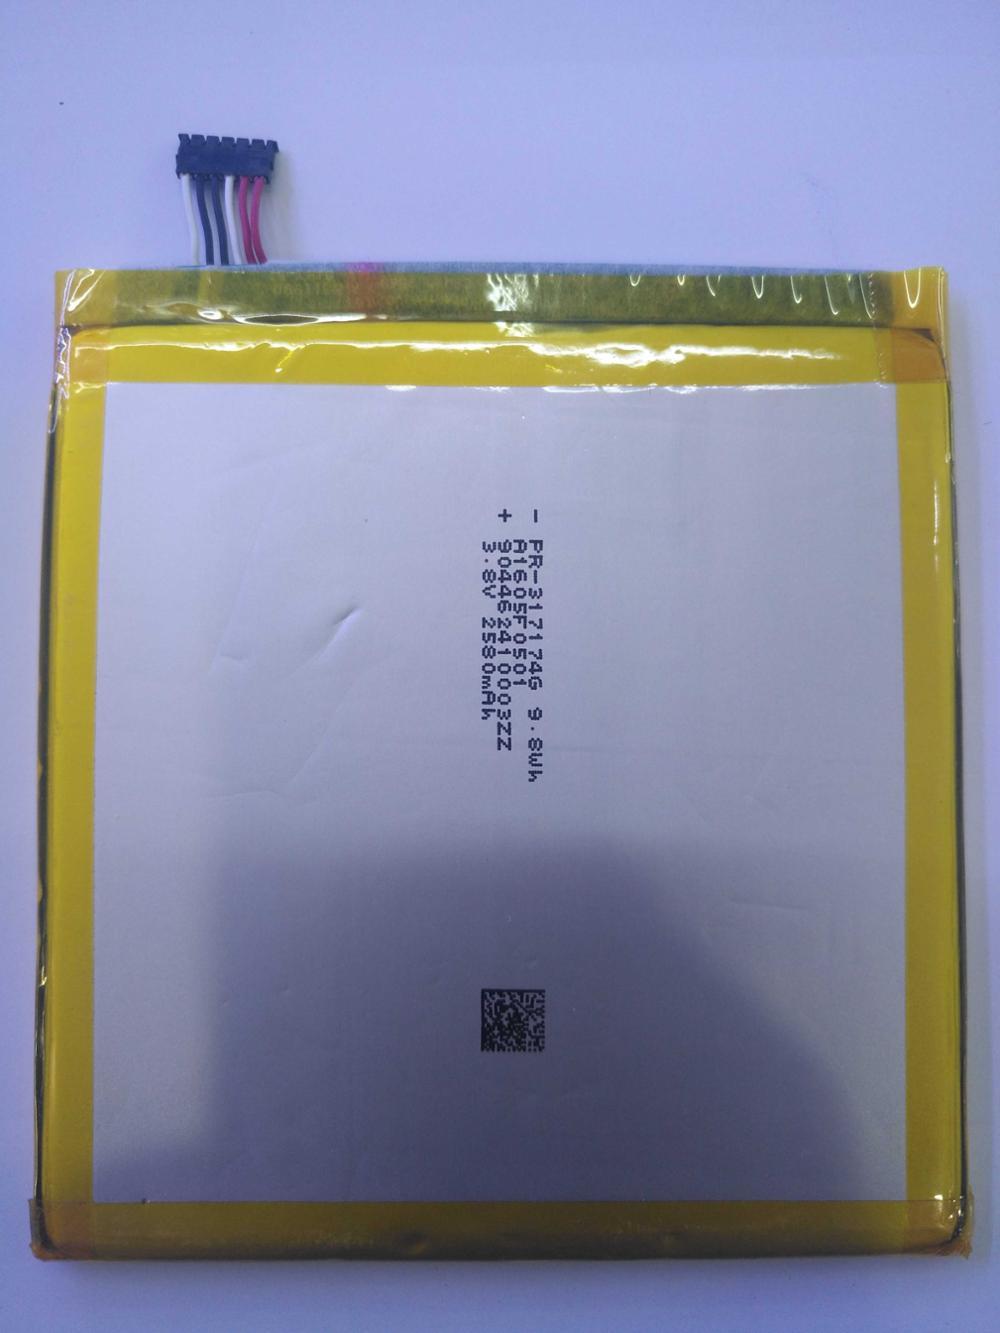 New High Quality Alcatel TLp025DC 2580mAh Battery for Alcatel Cell phoneNew High Quality Alcatel TLp025DC 2580mAh